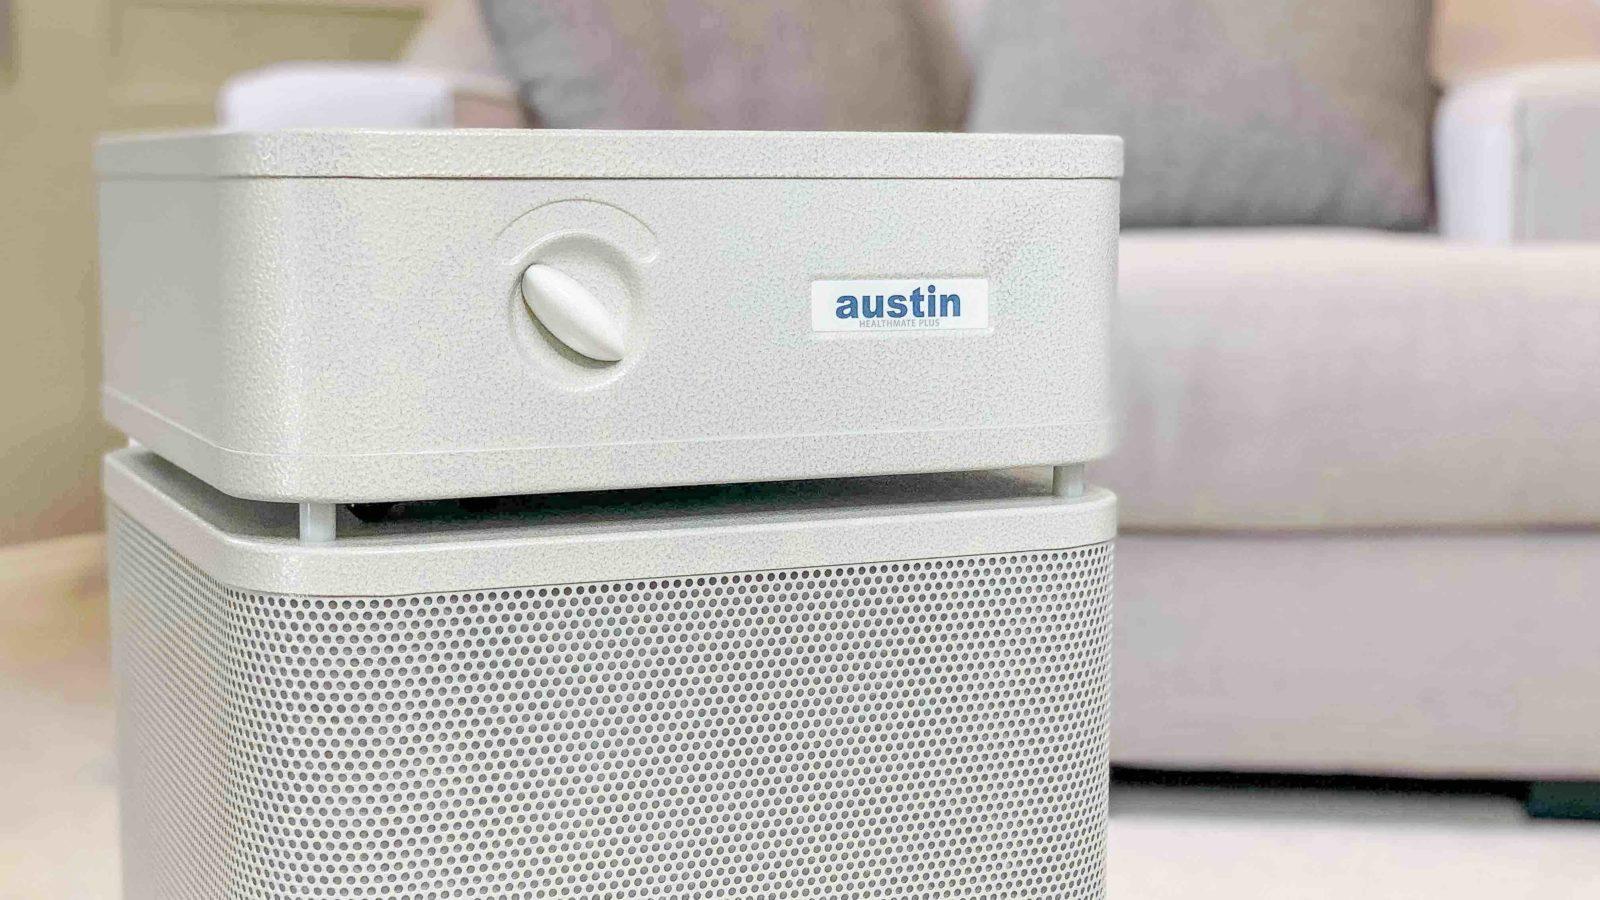 austin air filter near couch